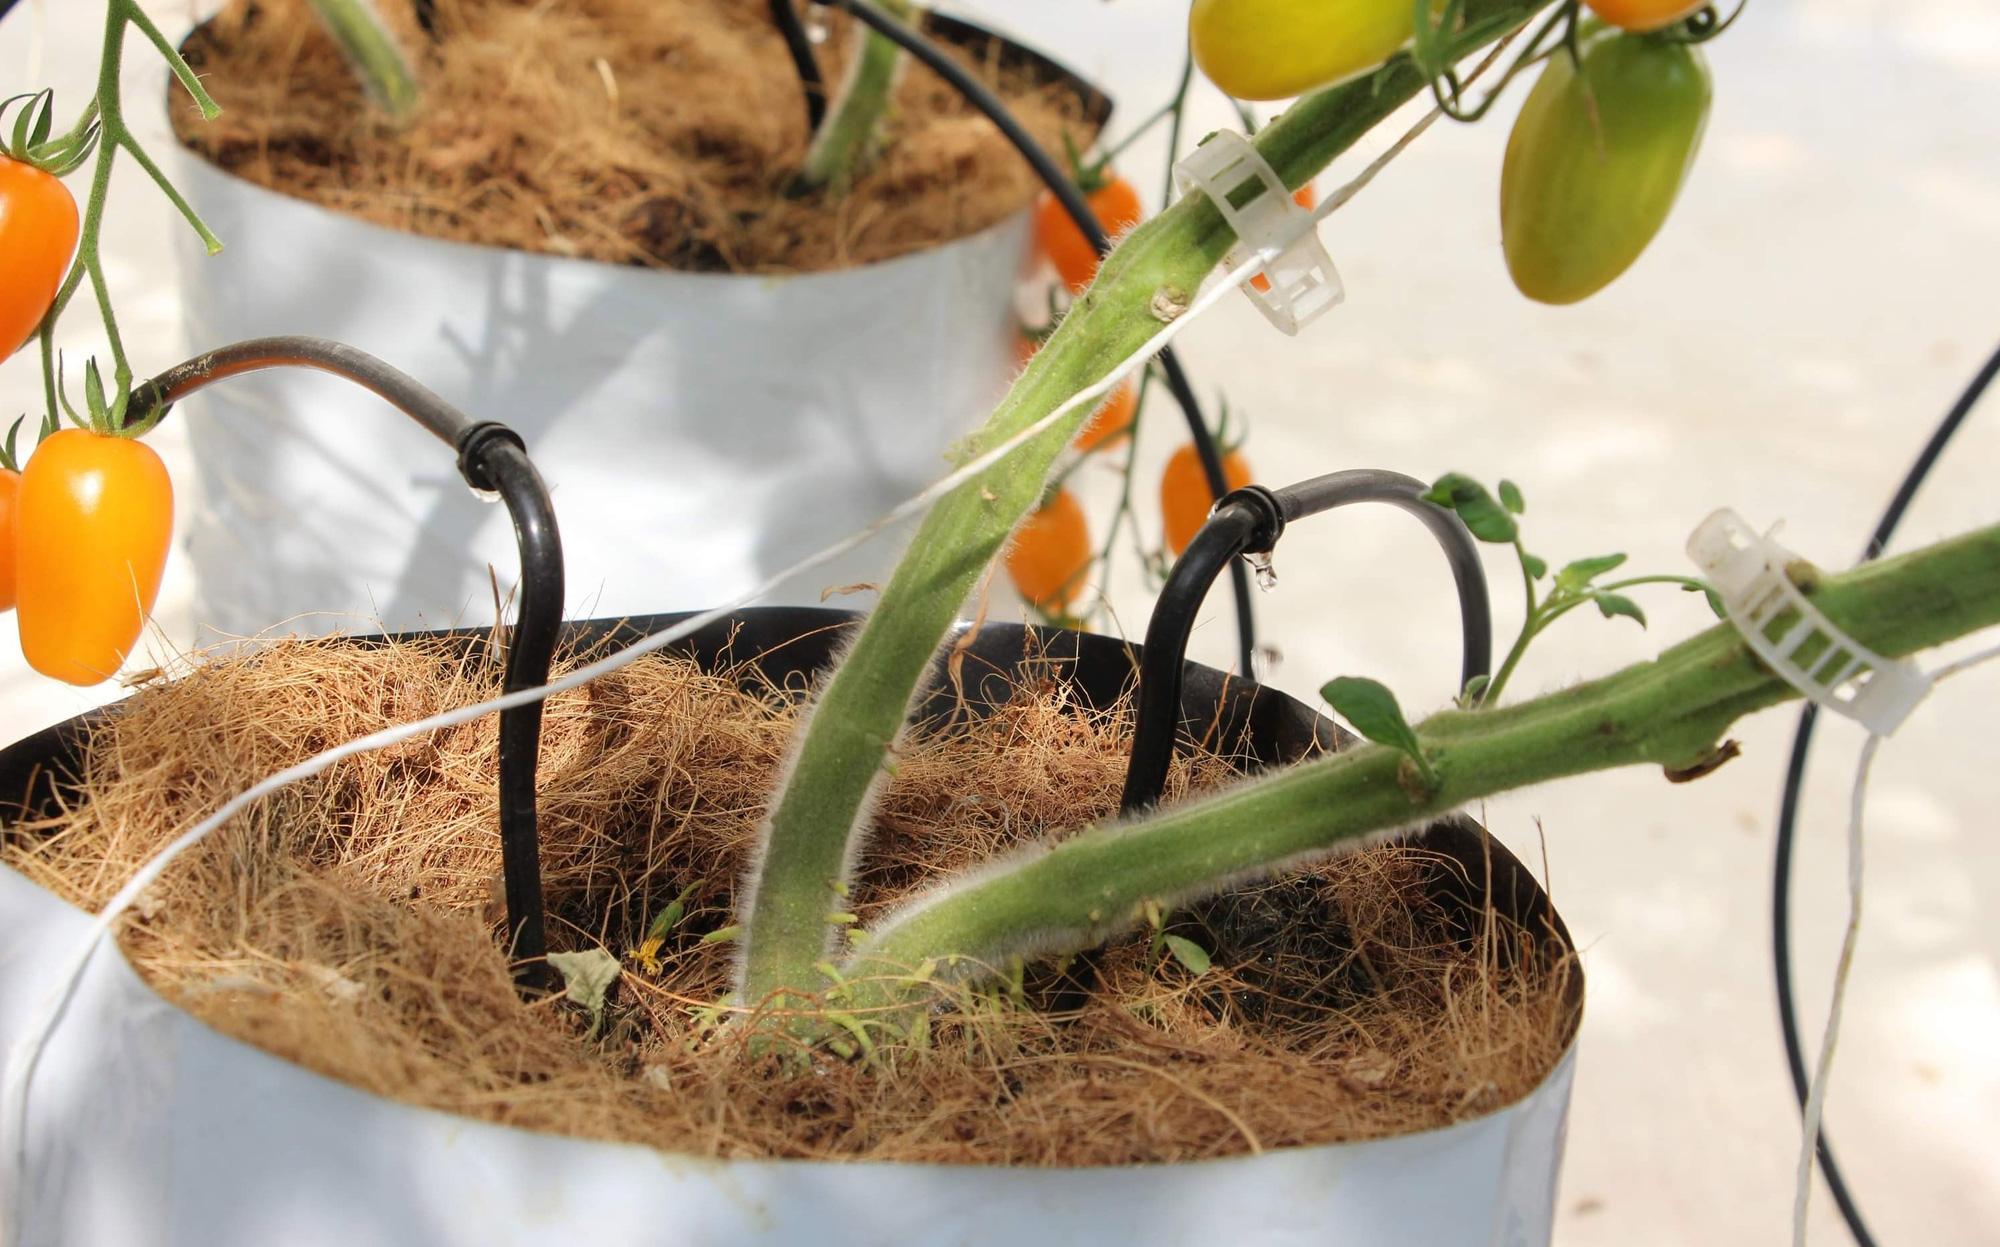 Mê mẩn vườn cà chua Nova công nghệ cao của cô giáo đam mê nông nghiệp sạch - Ảnh 3.